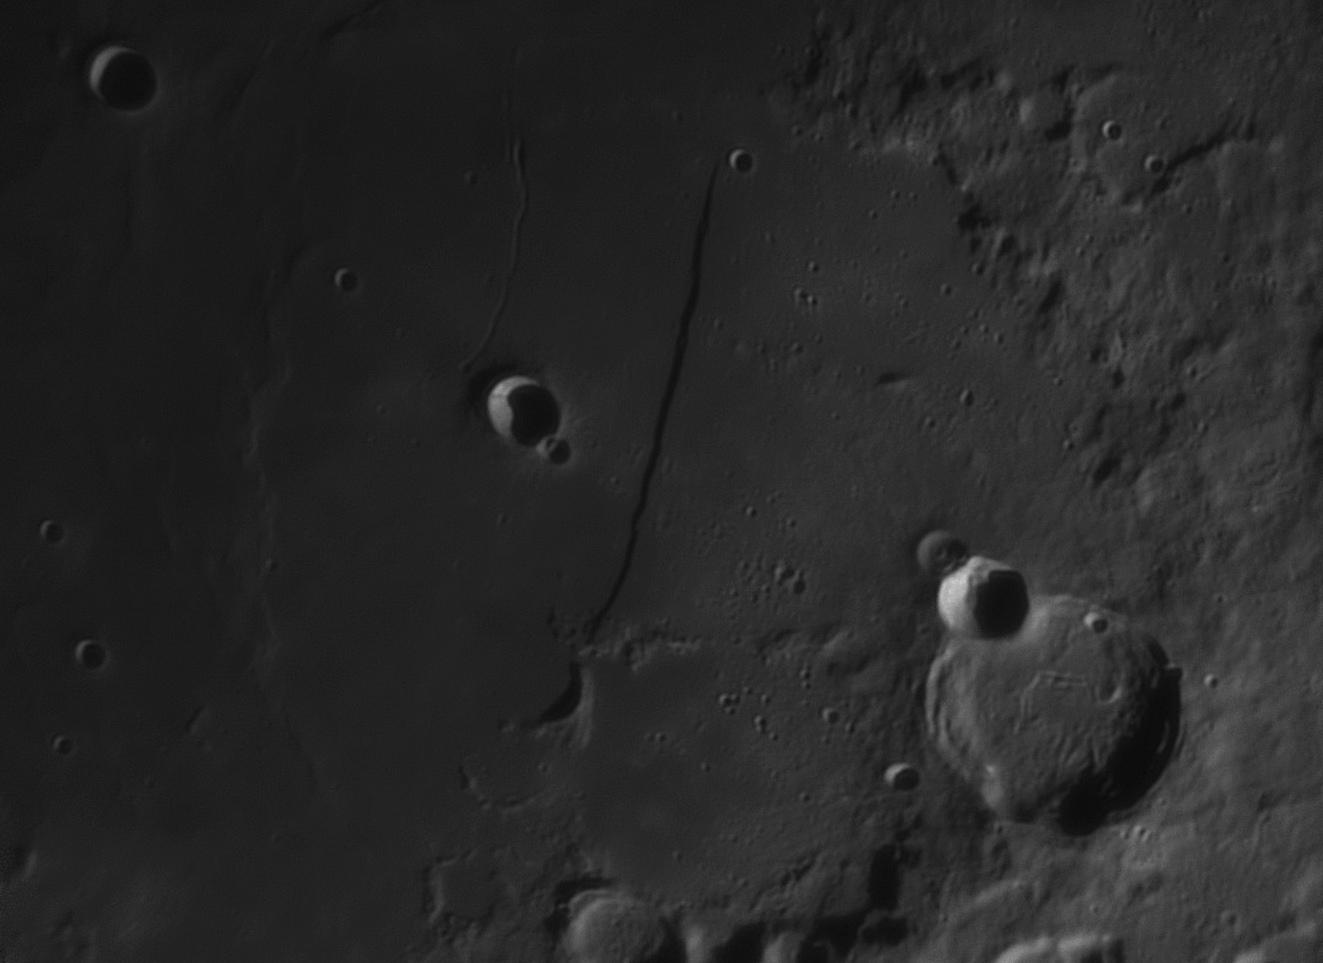 Moon_205132_lapl4_ap303 mur droit gros plan.jpg